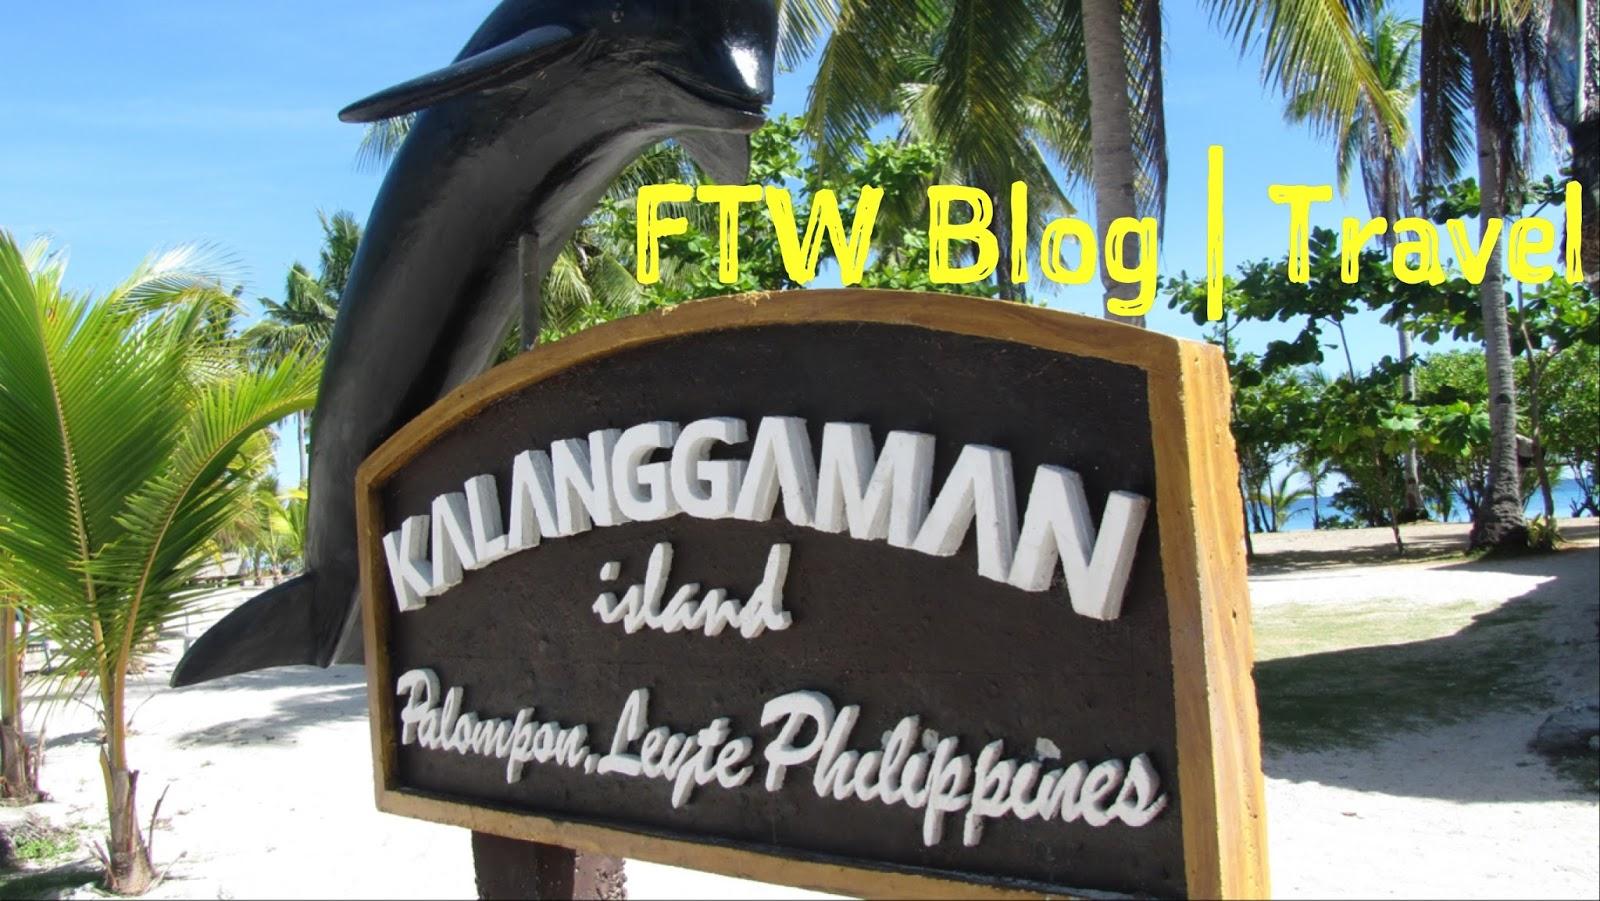 FTW Blog - Kalanggaman Island21